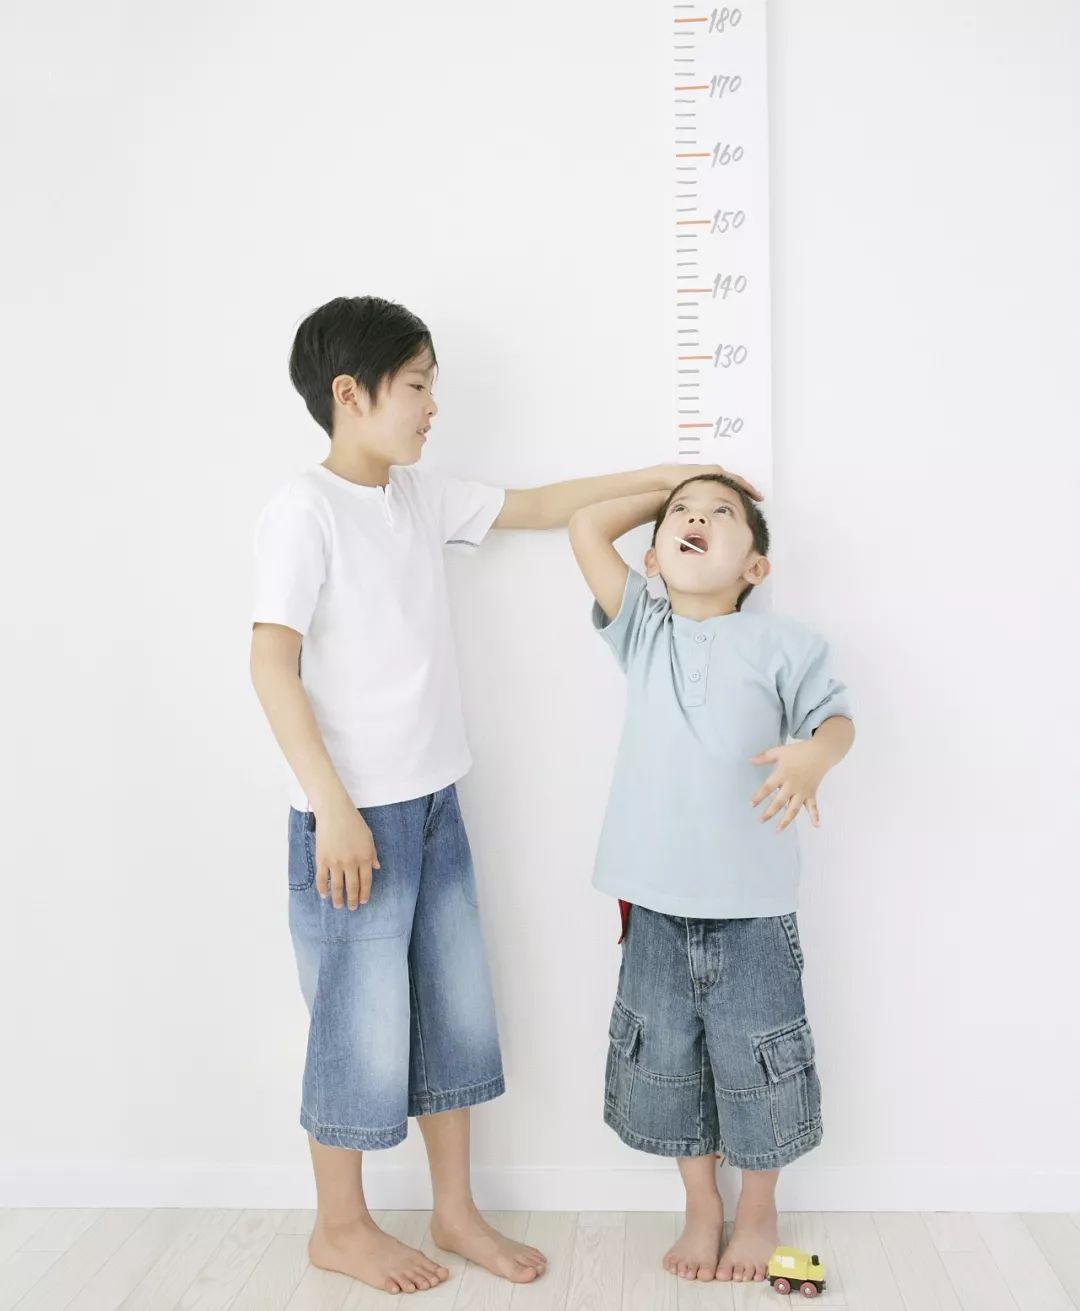 为什么每个男人都觉得自己还不够高?